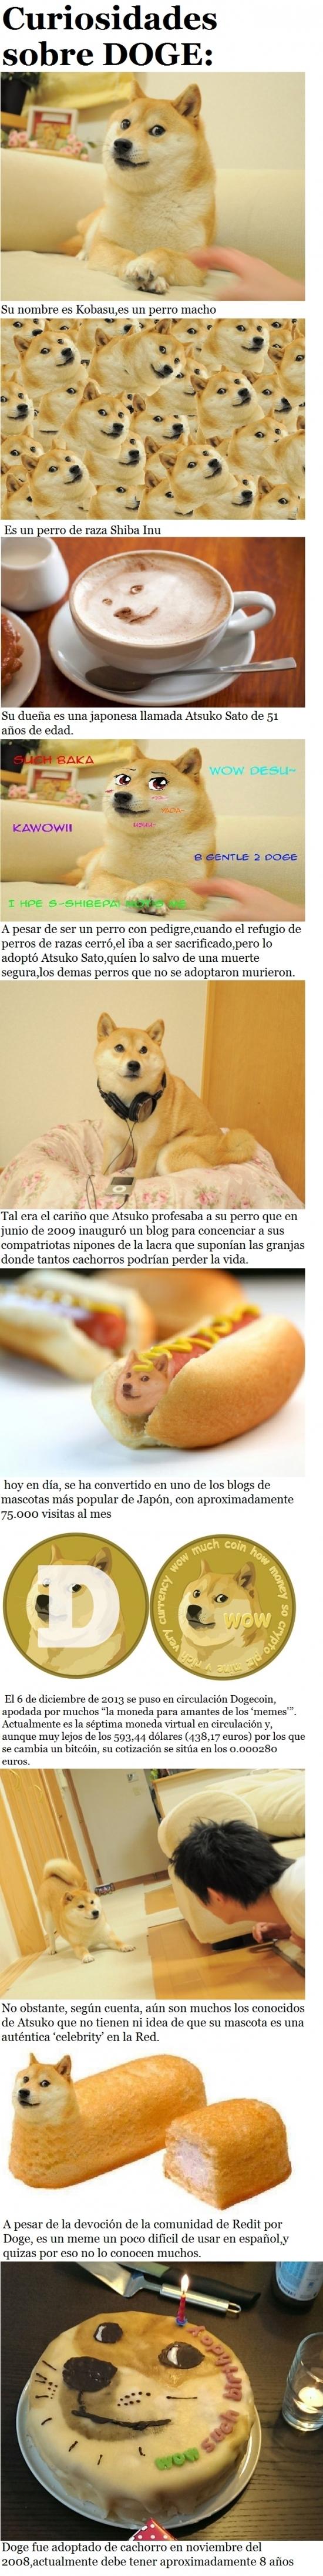 Meme_otros - ¿Conocéis el famoso meme 'Doge'? Aún sin ser famoso en España, aquí podréis conocerlo un poco mejor